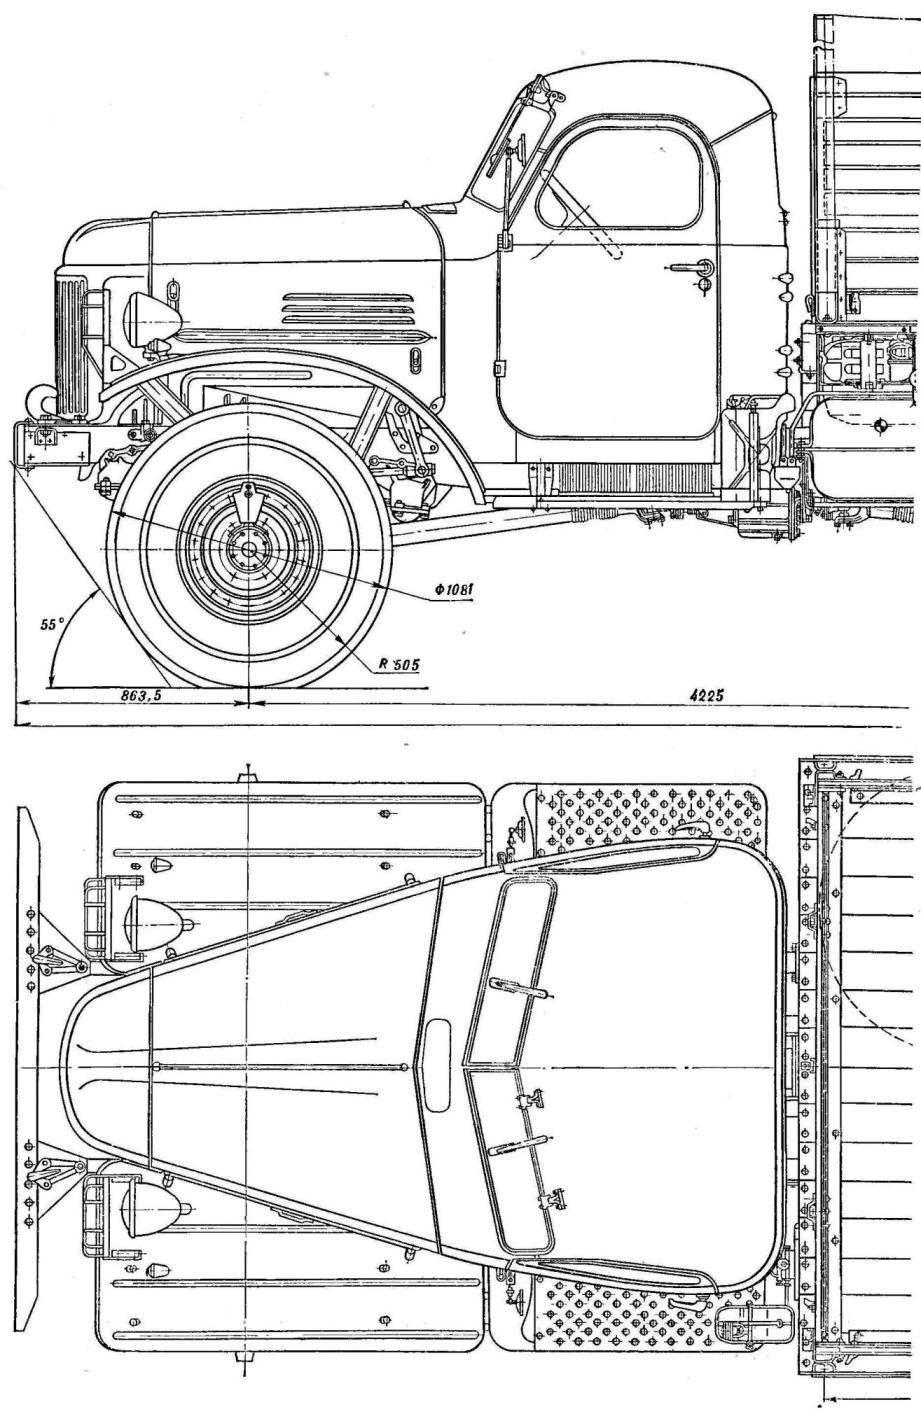 Рис. 1. Автомобиль ЗИЛ-157 (вид сбоку и сверху).